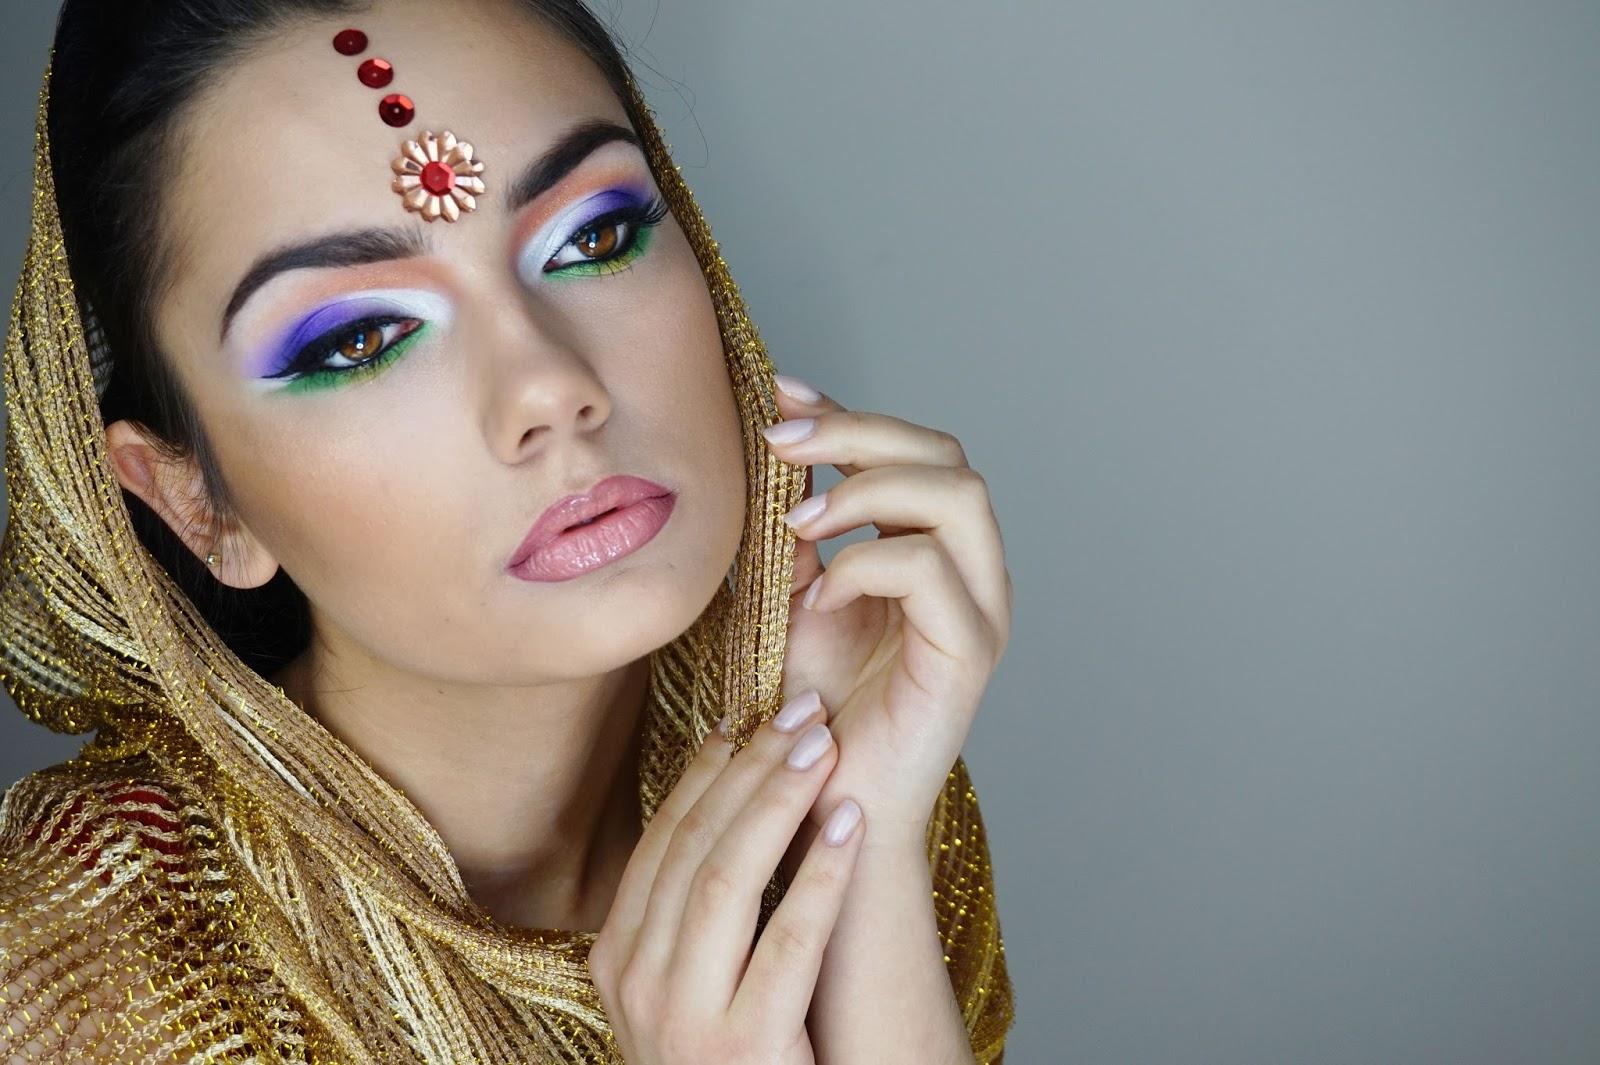 Mój Makijaż Finałowy Na Mistrzostwa Makijażu Glazel Uroda Zblogowani